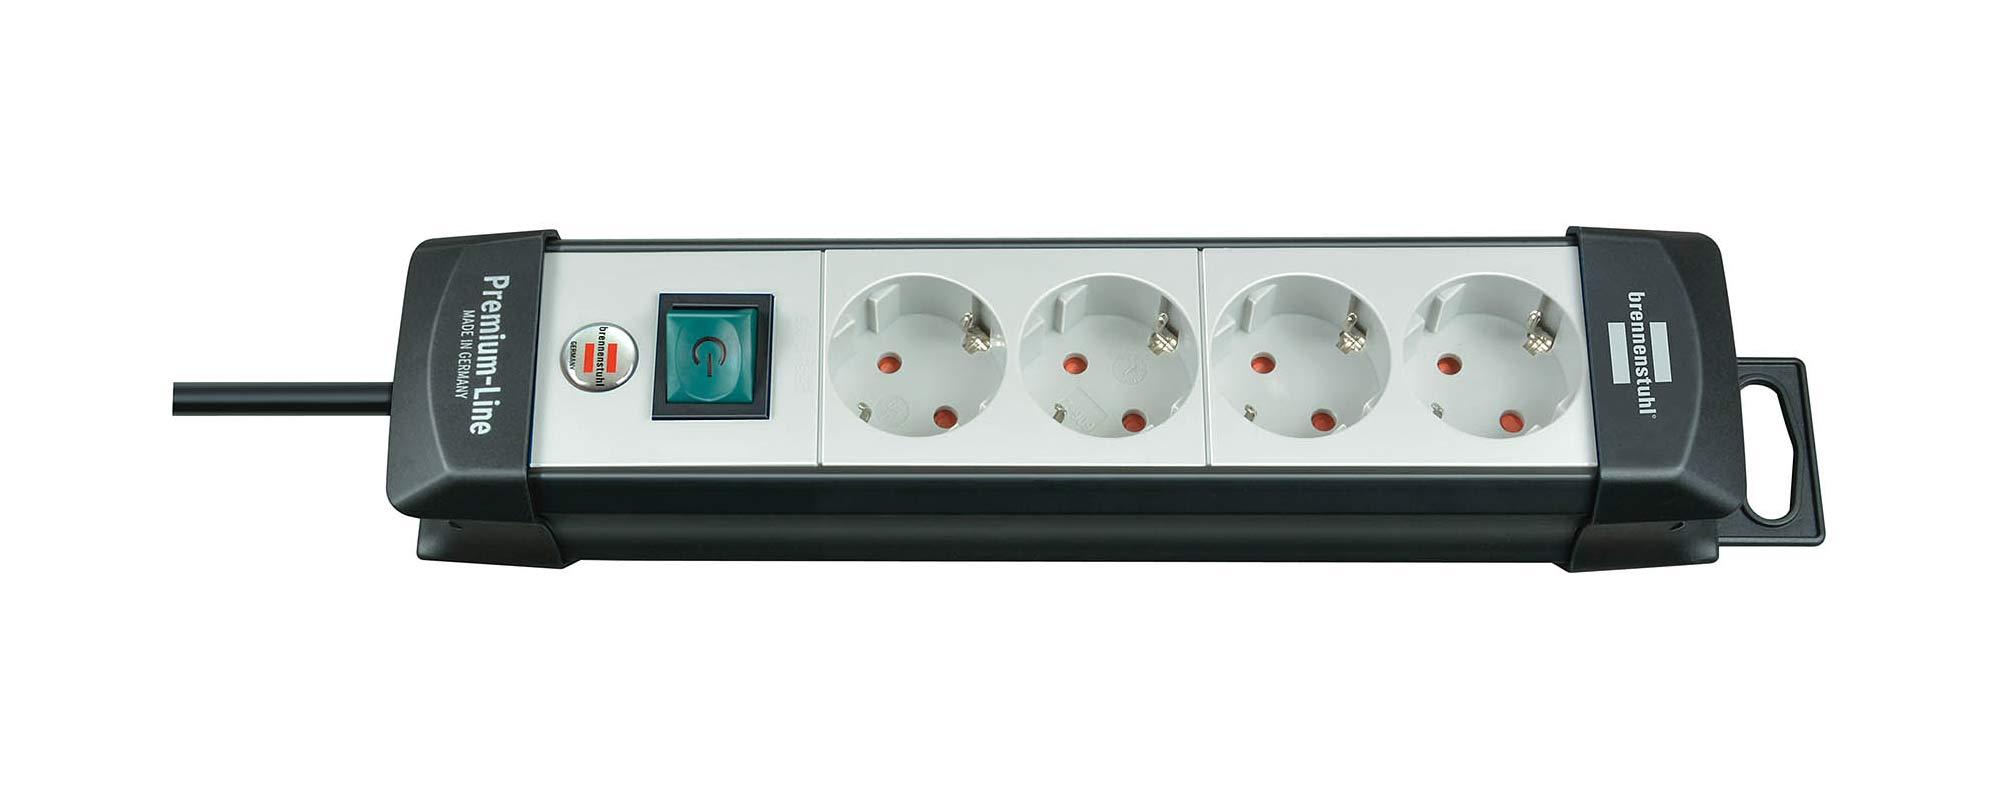 Brennenstuhl Steckdosenleiste Premium-Line 4-fach schwarz/grau 1,8m Bild 1